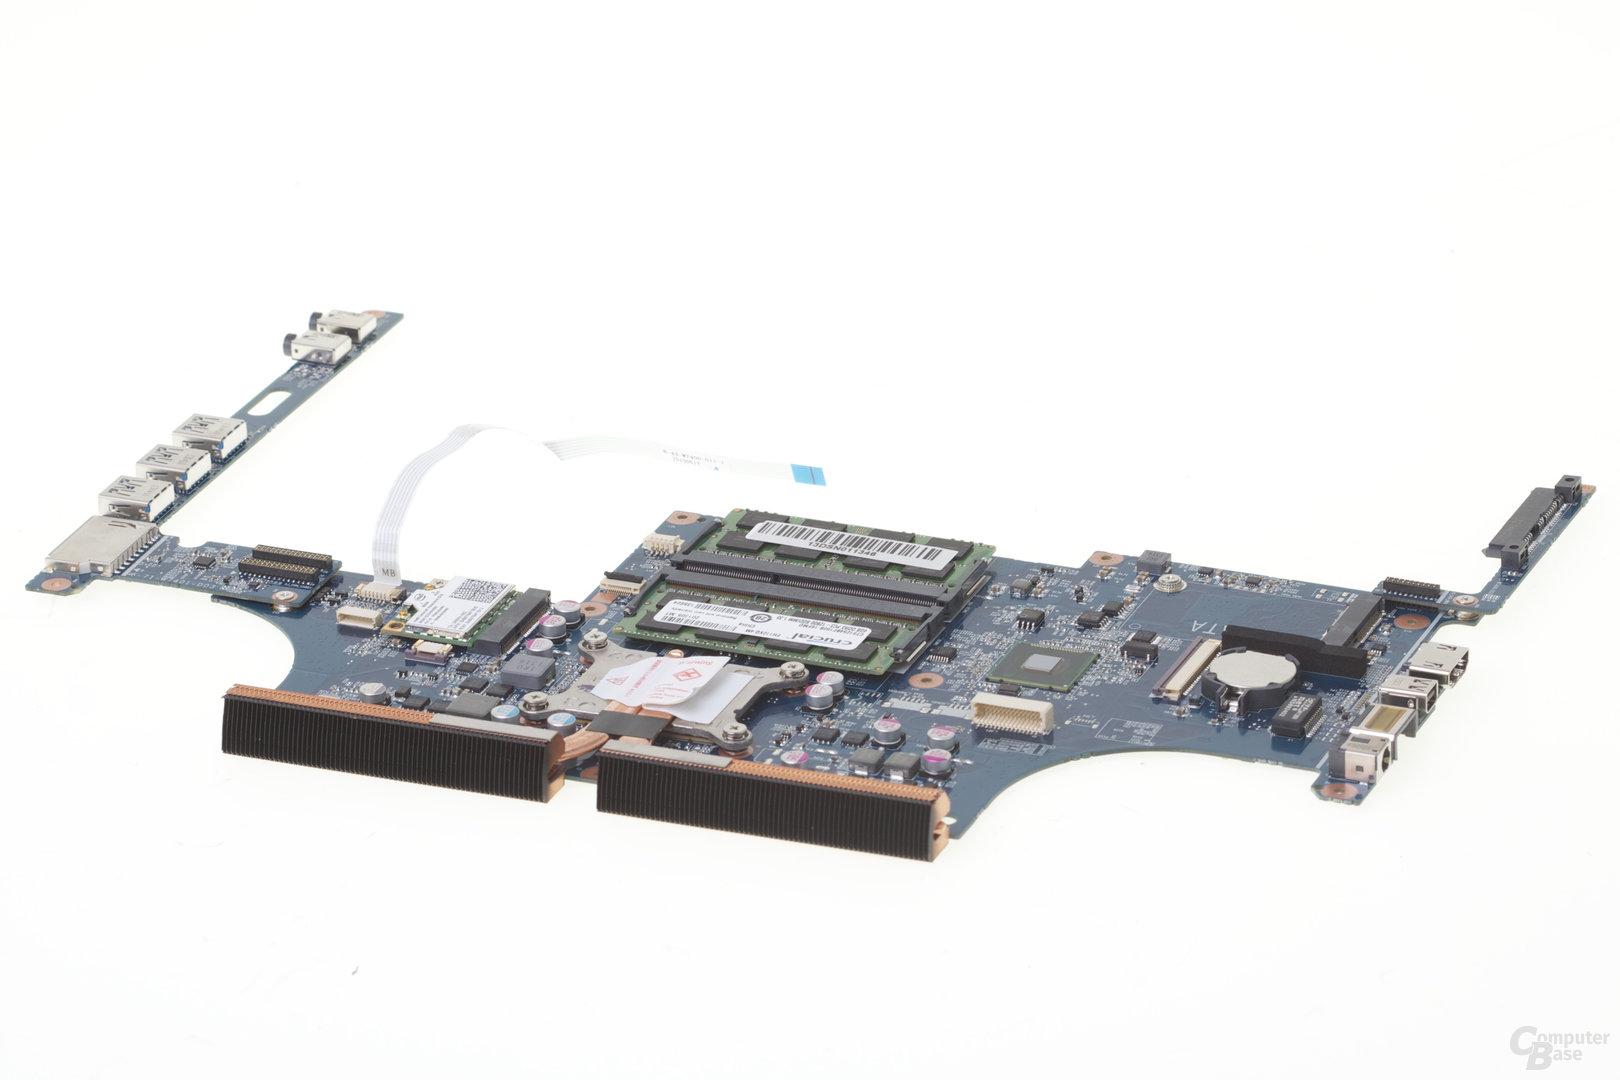 Mainboard des Schenker S413 mit Intel Core i7-4750HQ